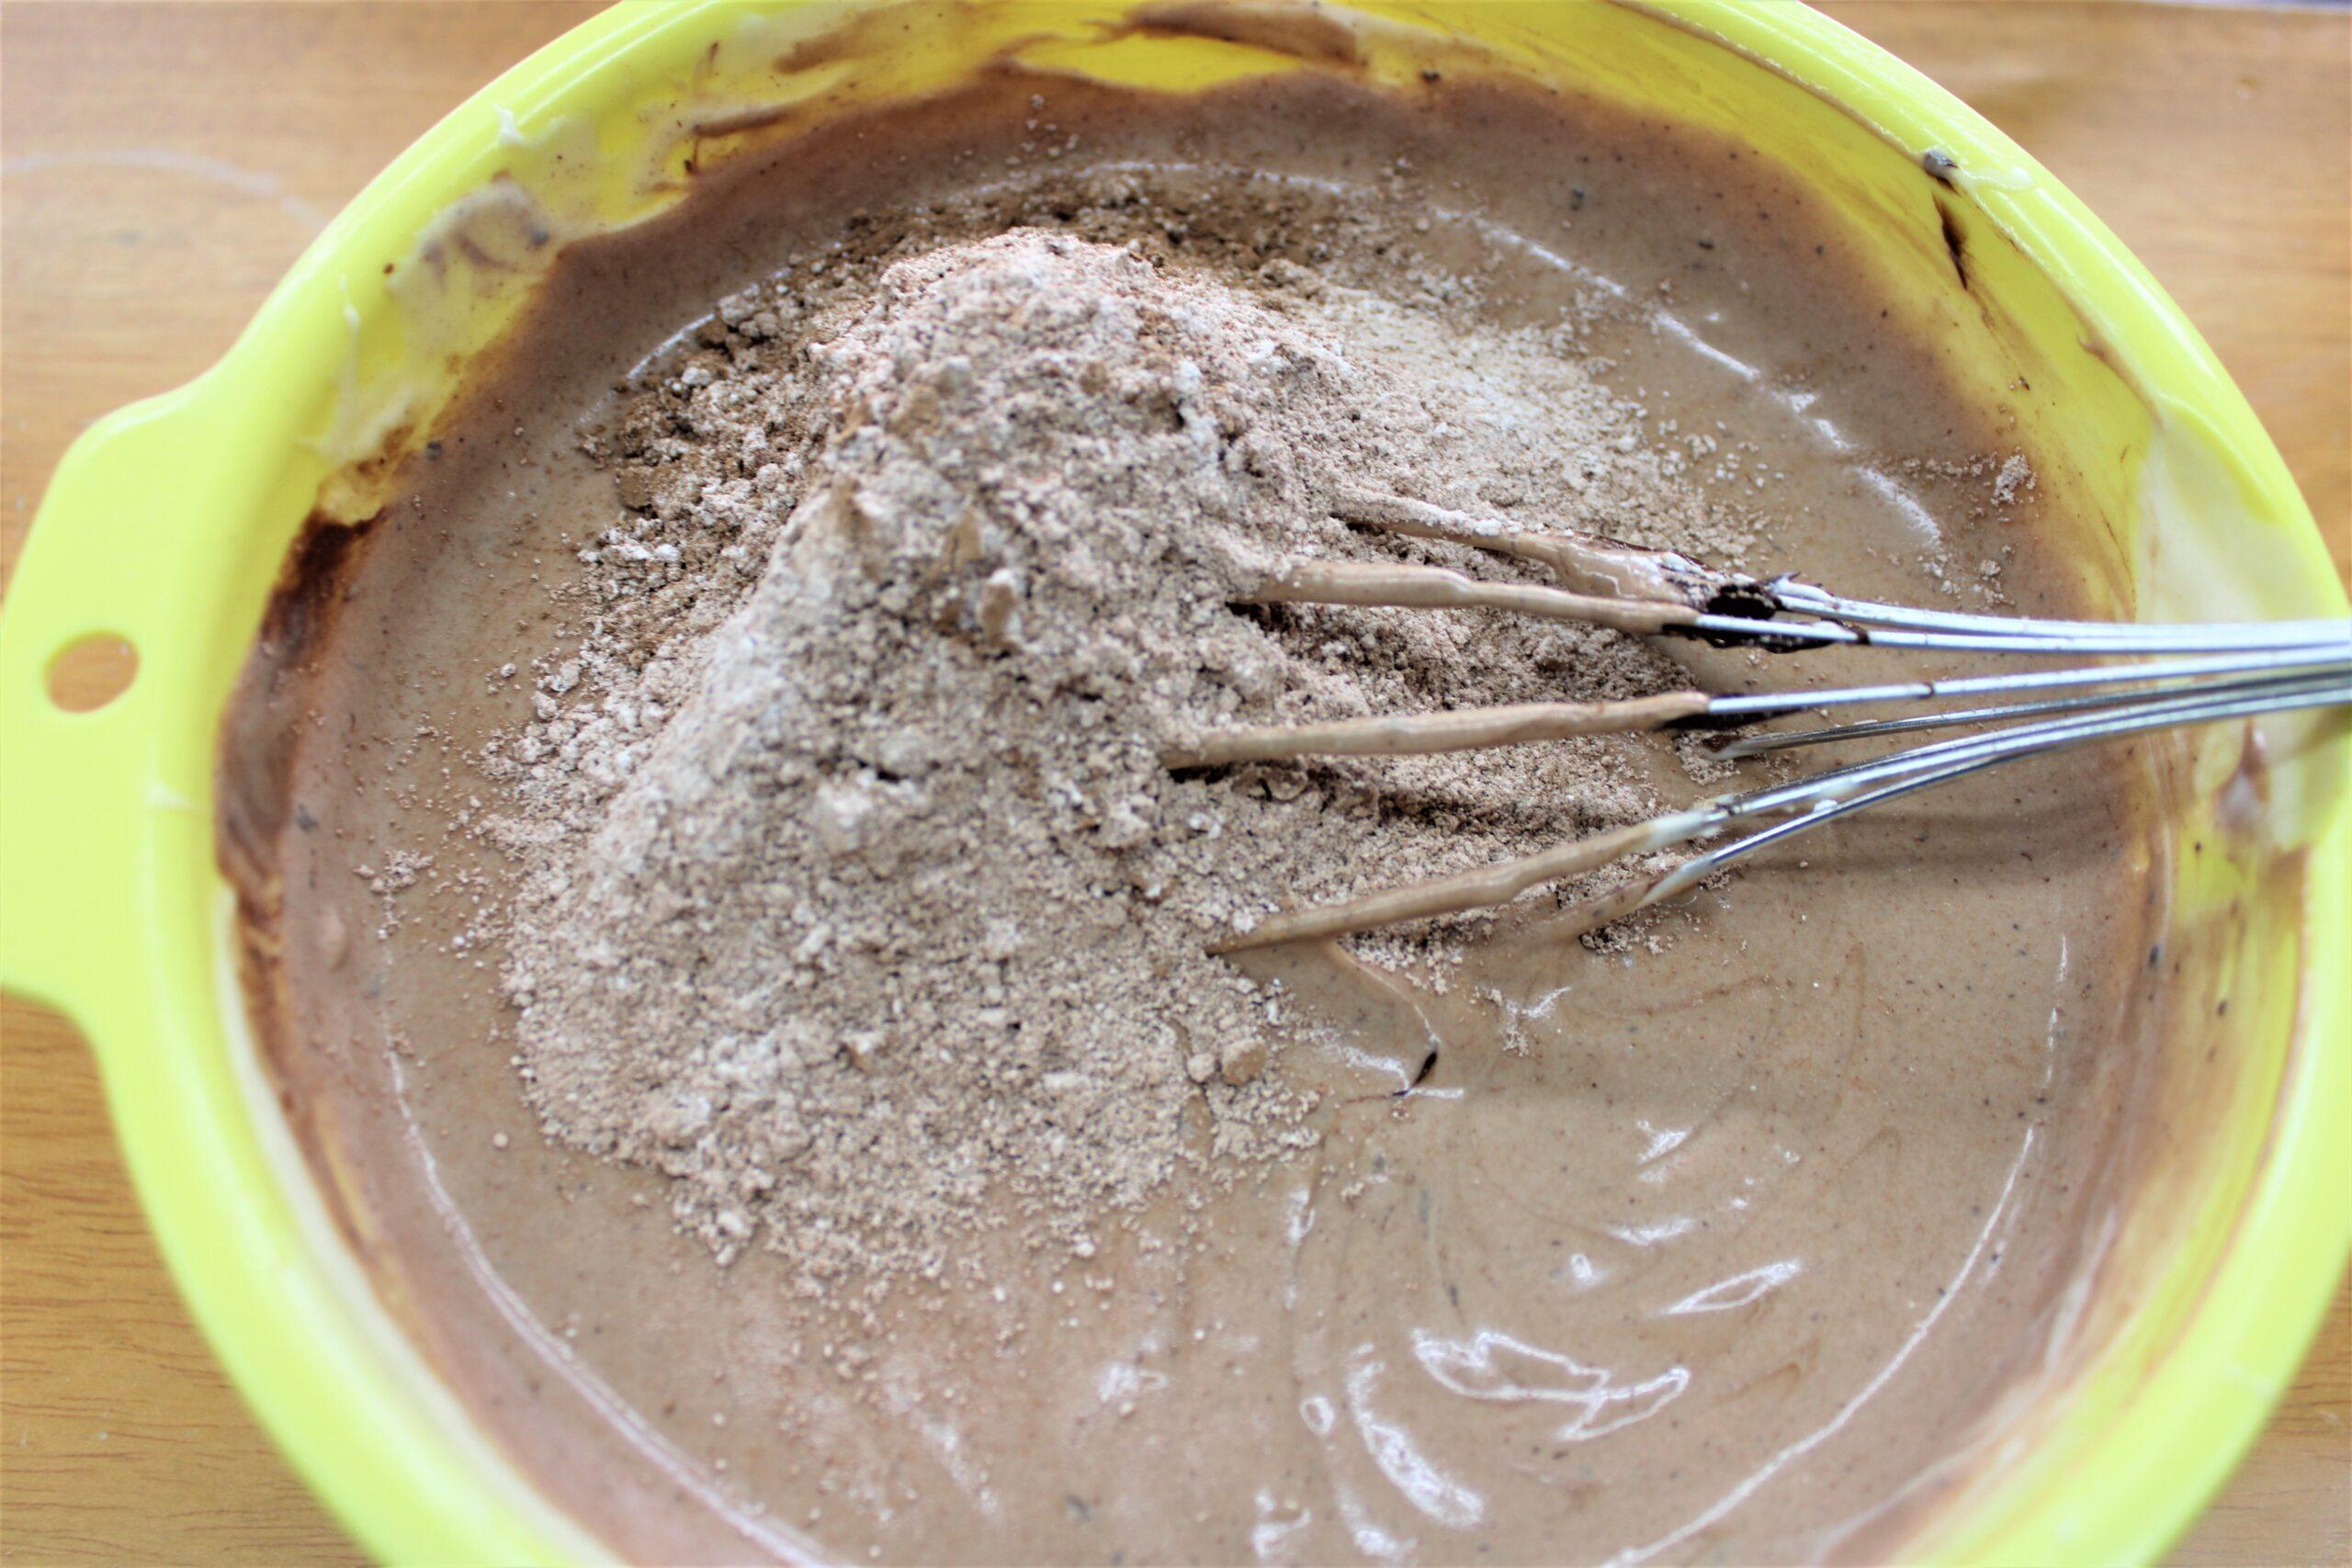 ③に①の粉類を入れ、軽く混ぜます。